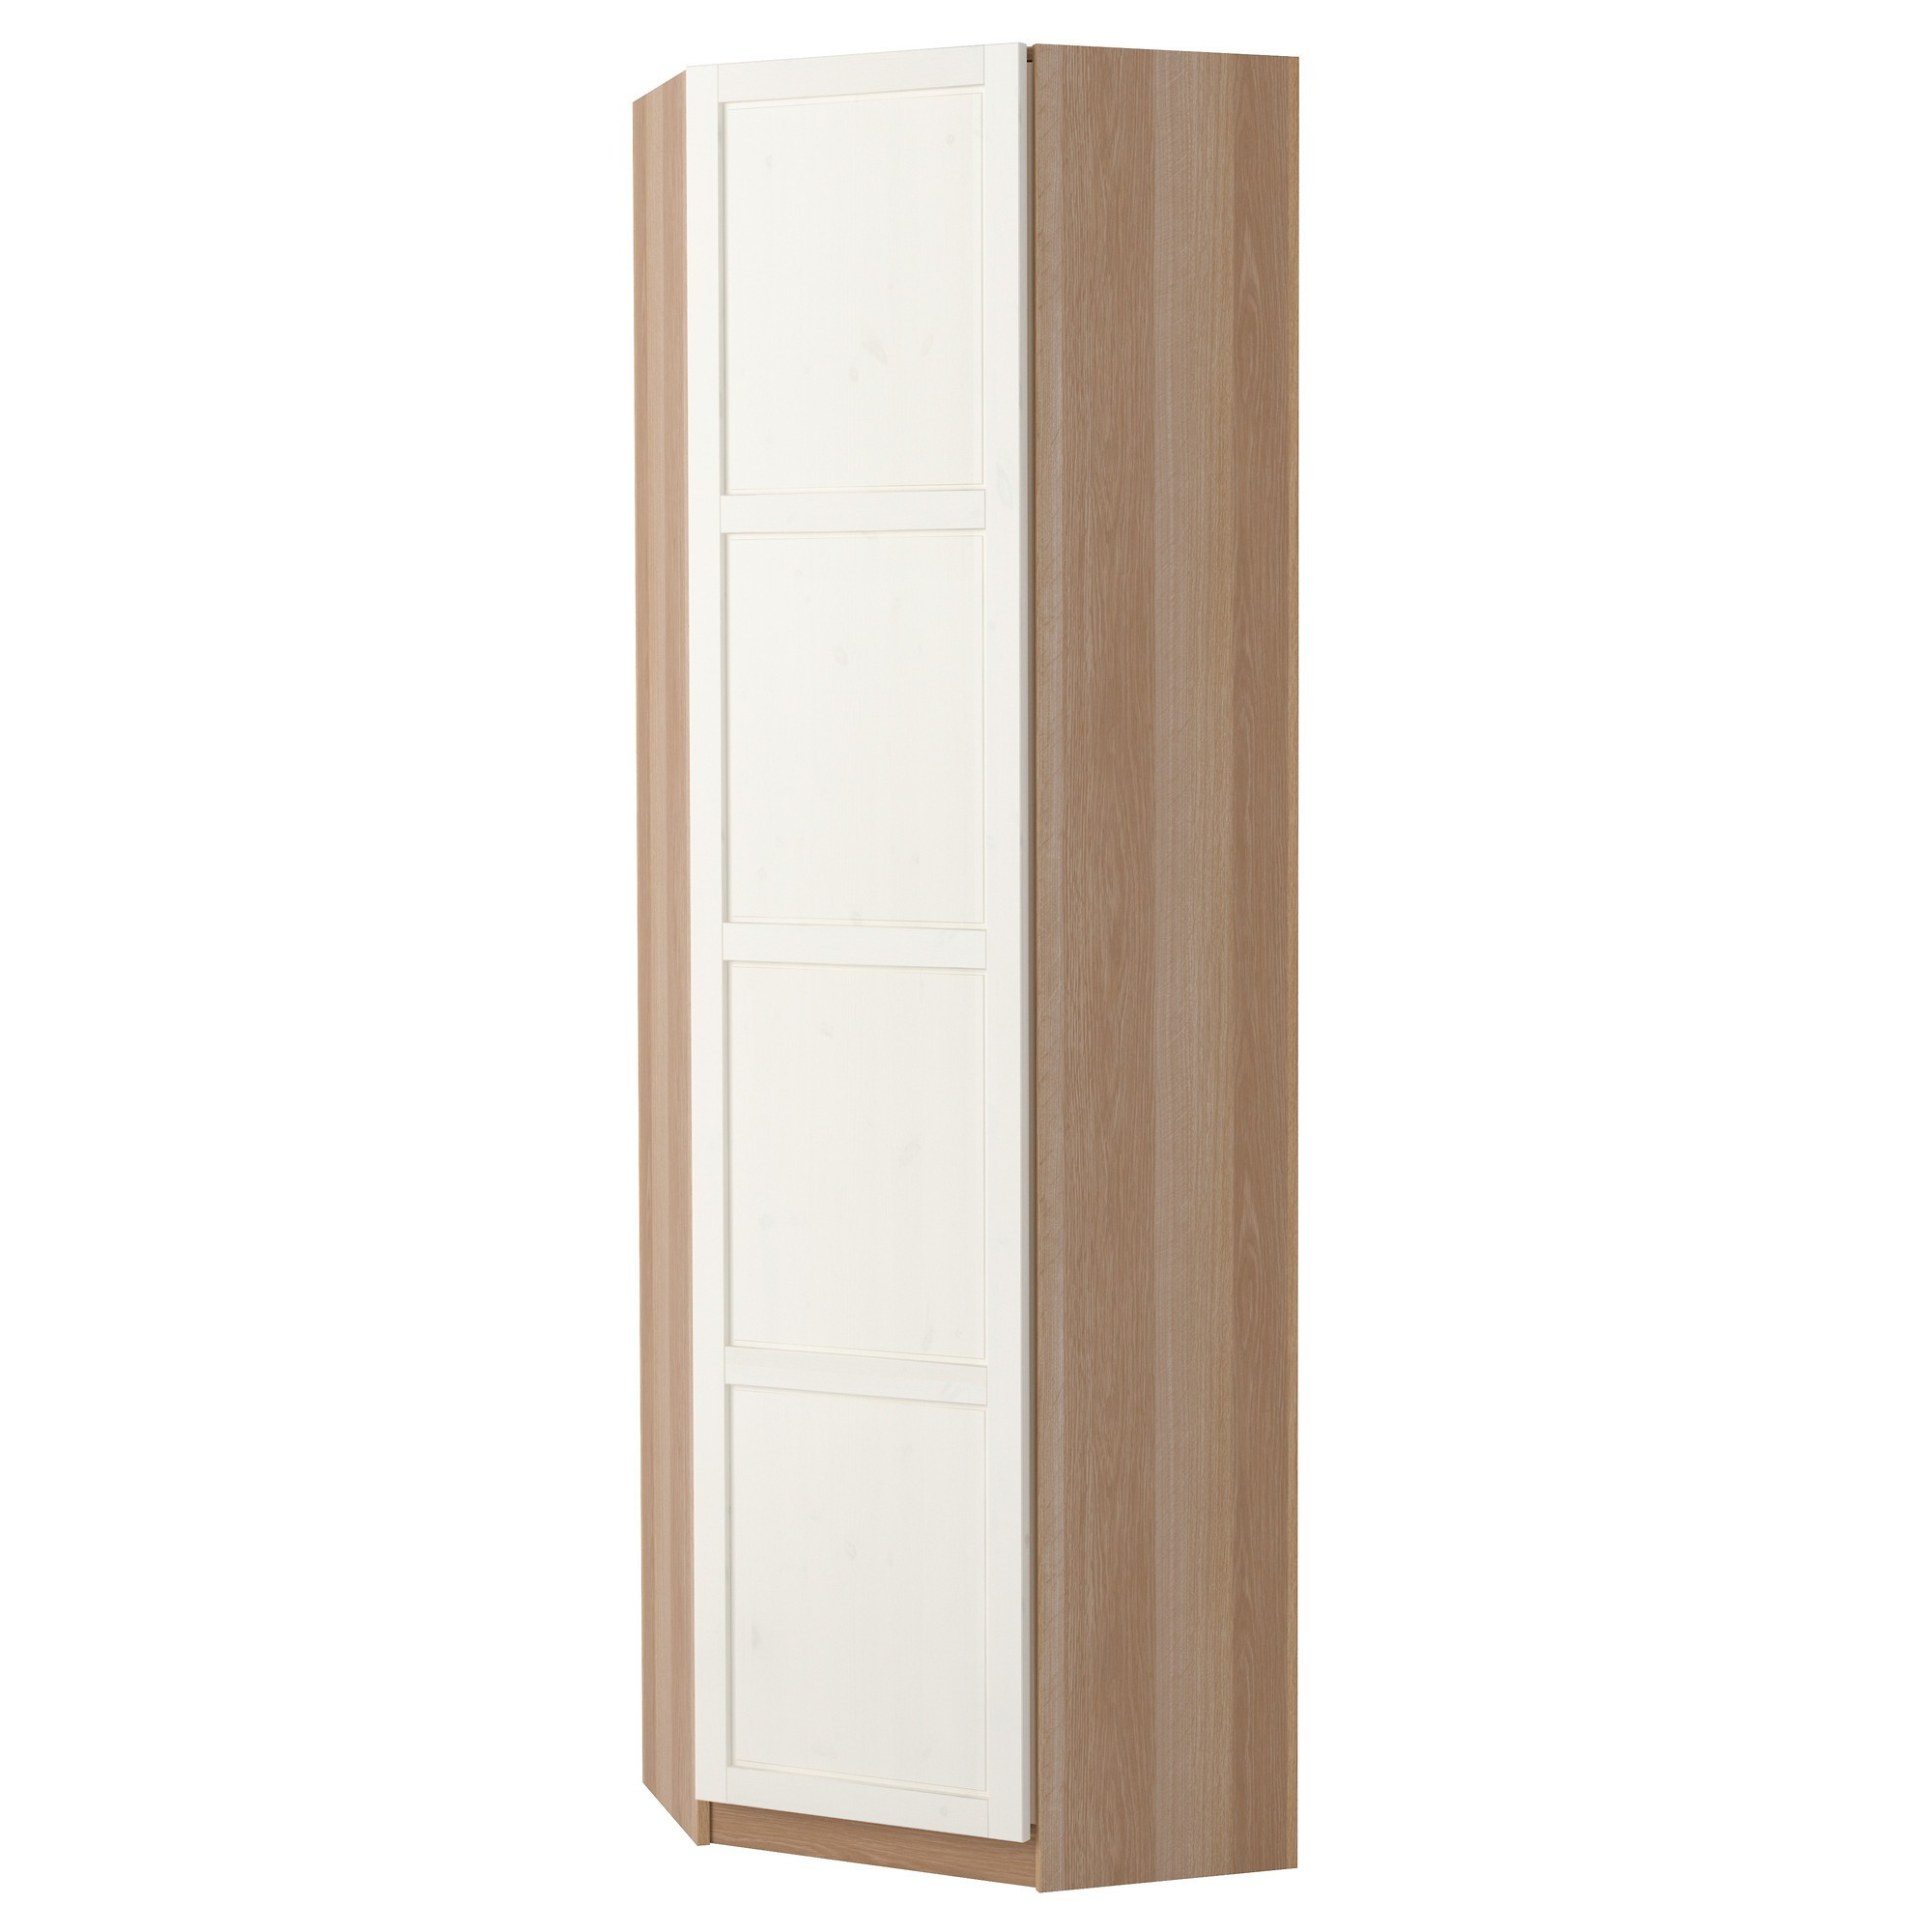 Meuble D Angle Ikea Pax Boutique Gain De Place Fr